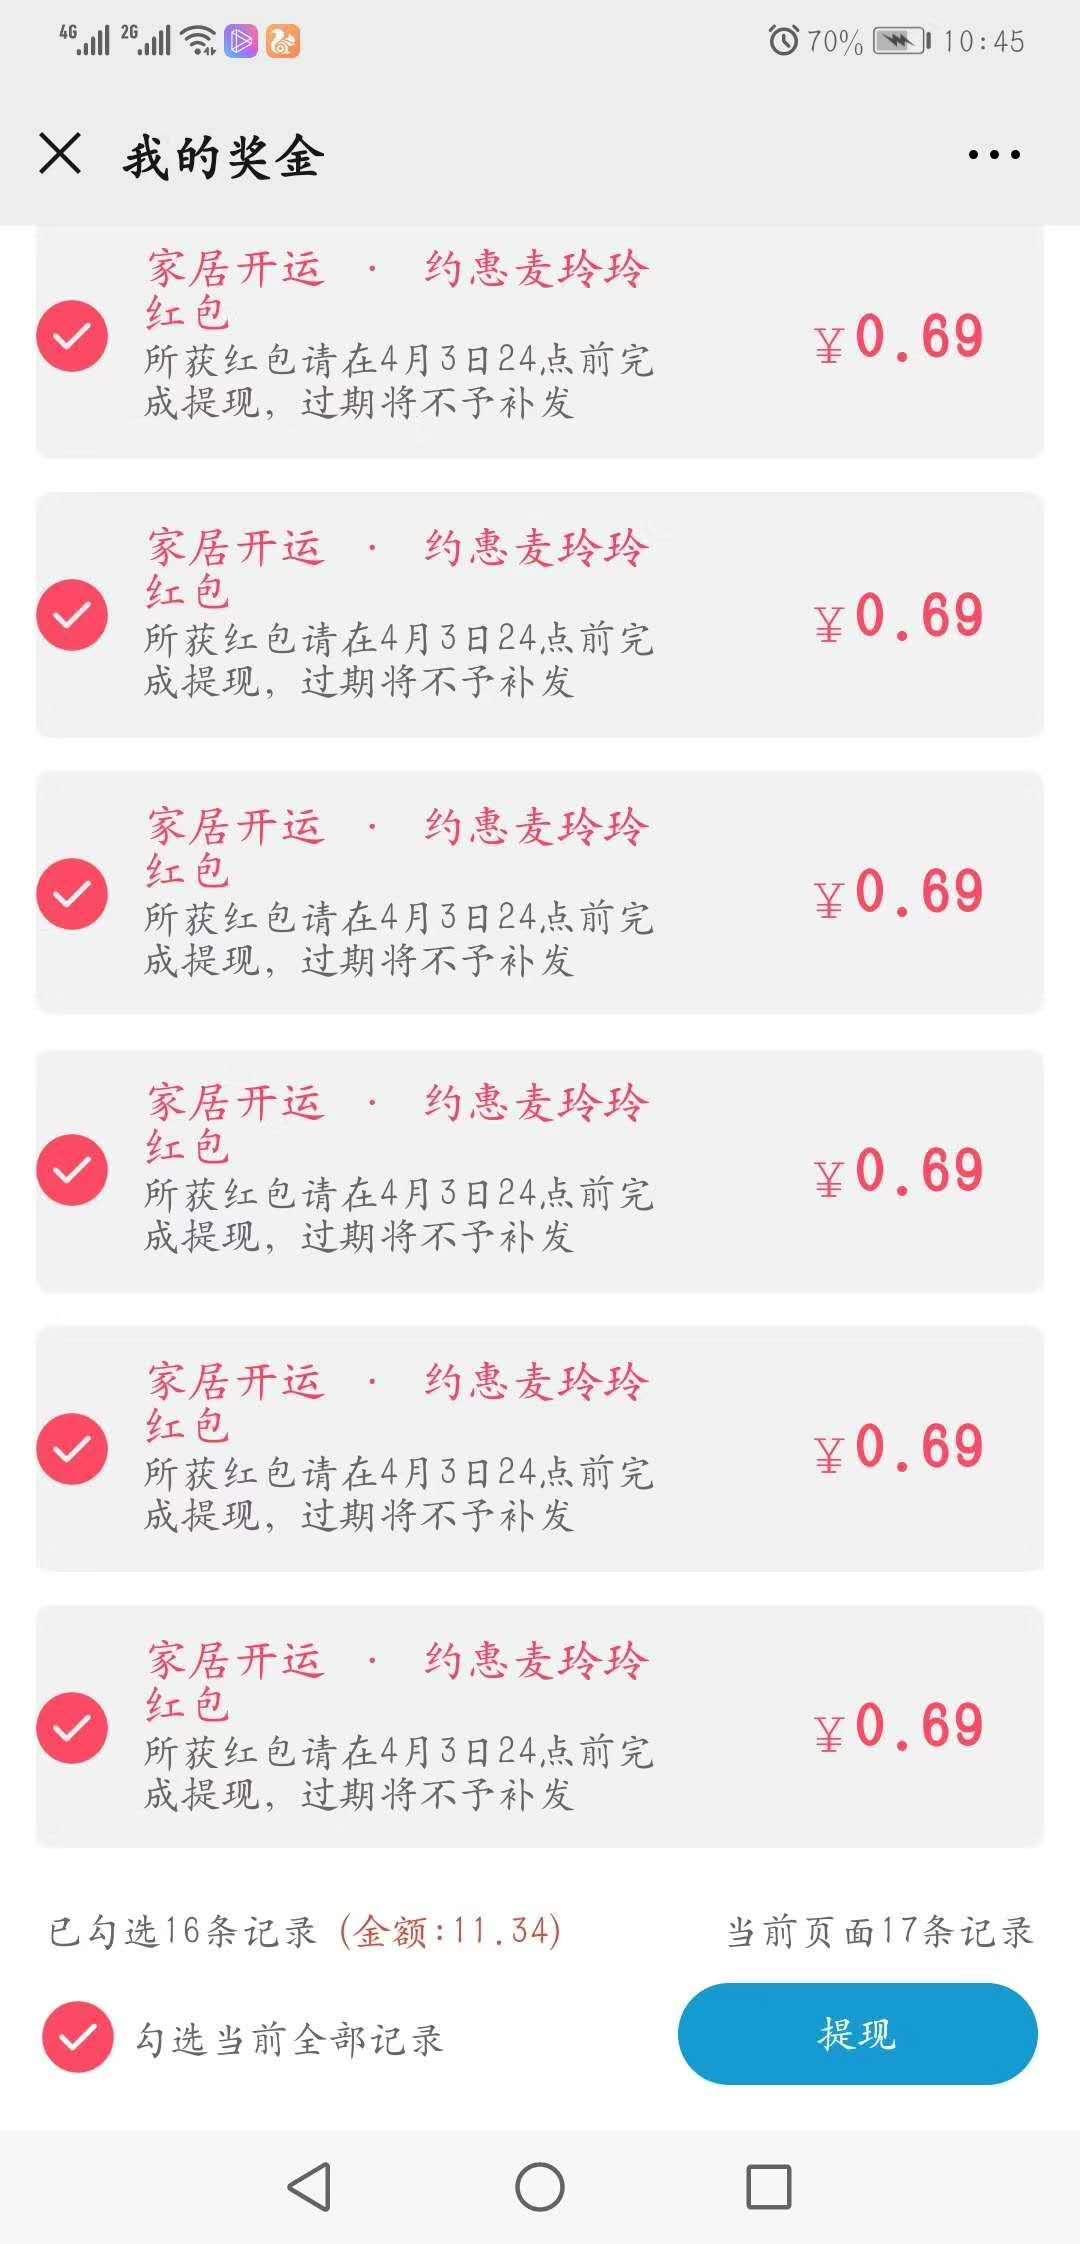 索菲亚:邀请微信用户扫码可获得随机现金。插图3